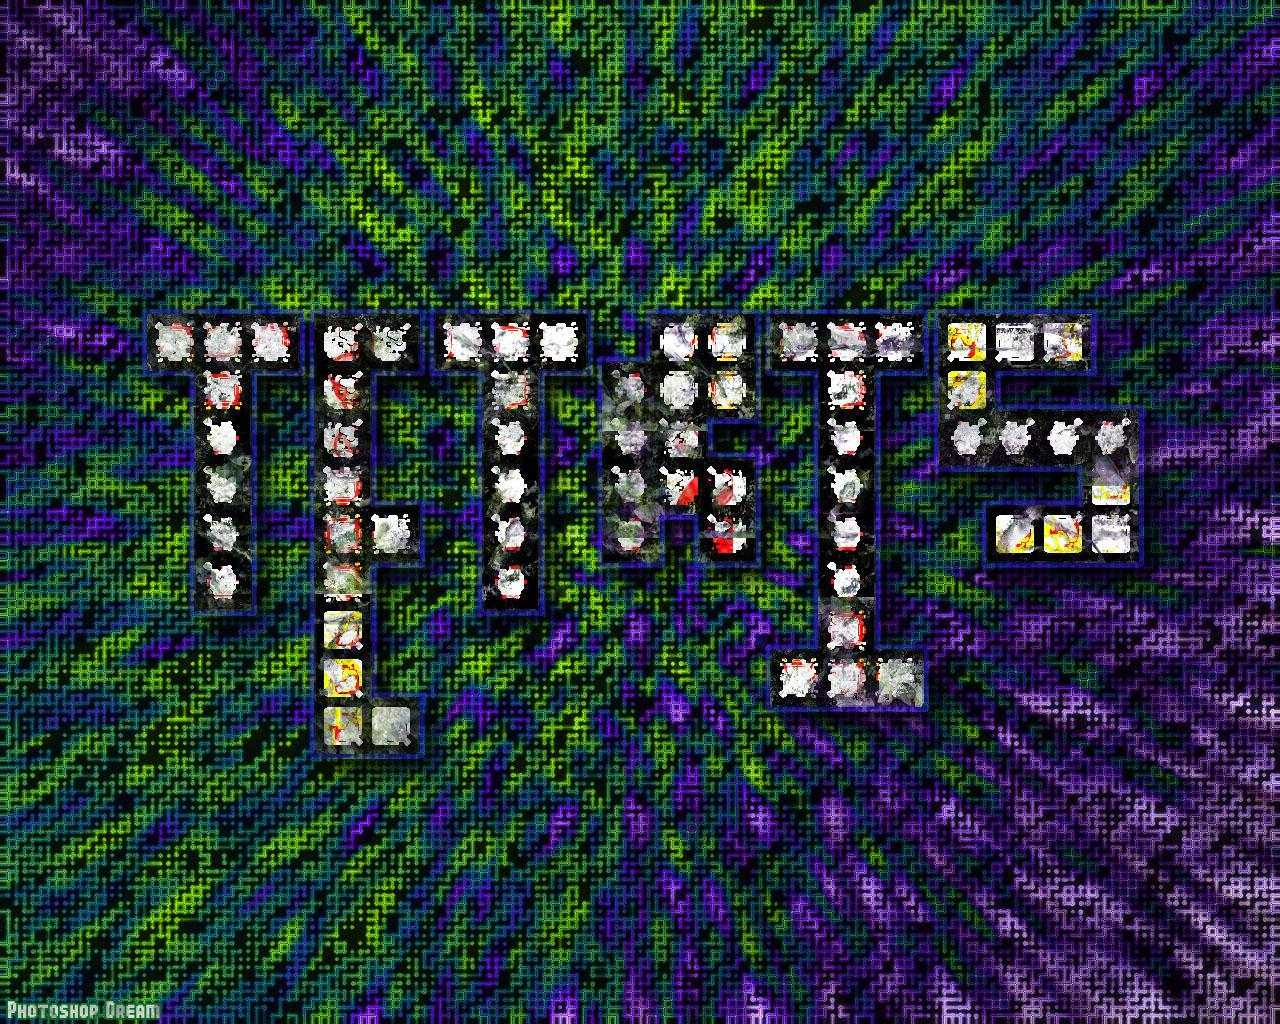 tetris wallpaper version 2 by vortexdragon on deviantart